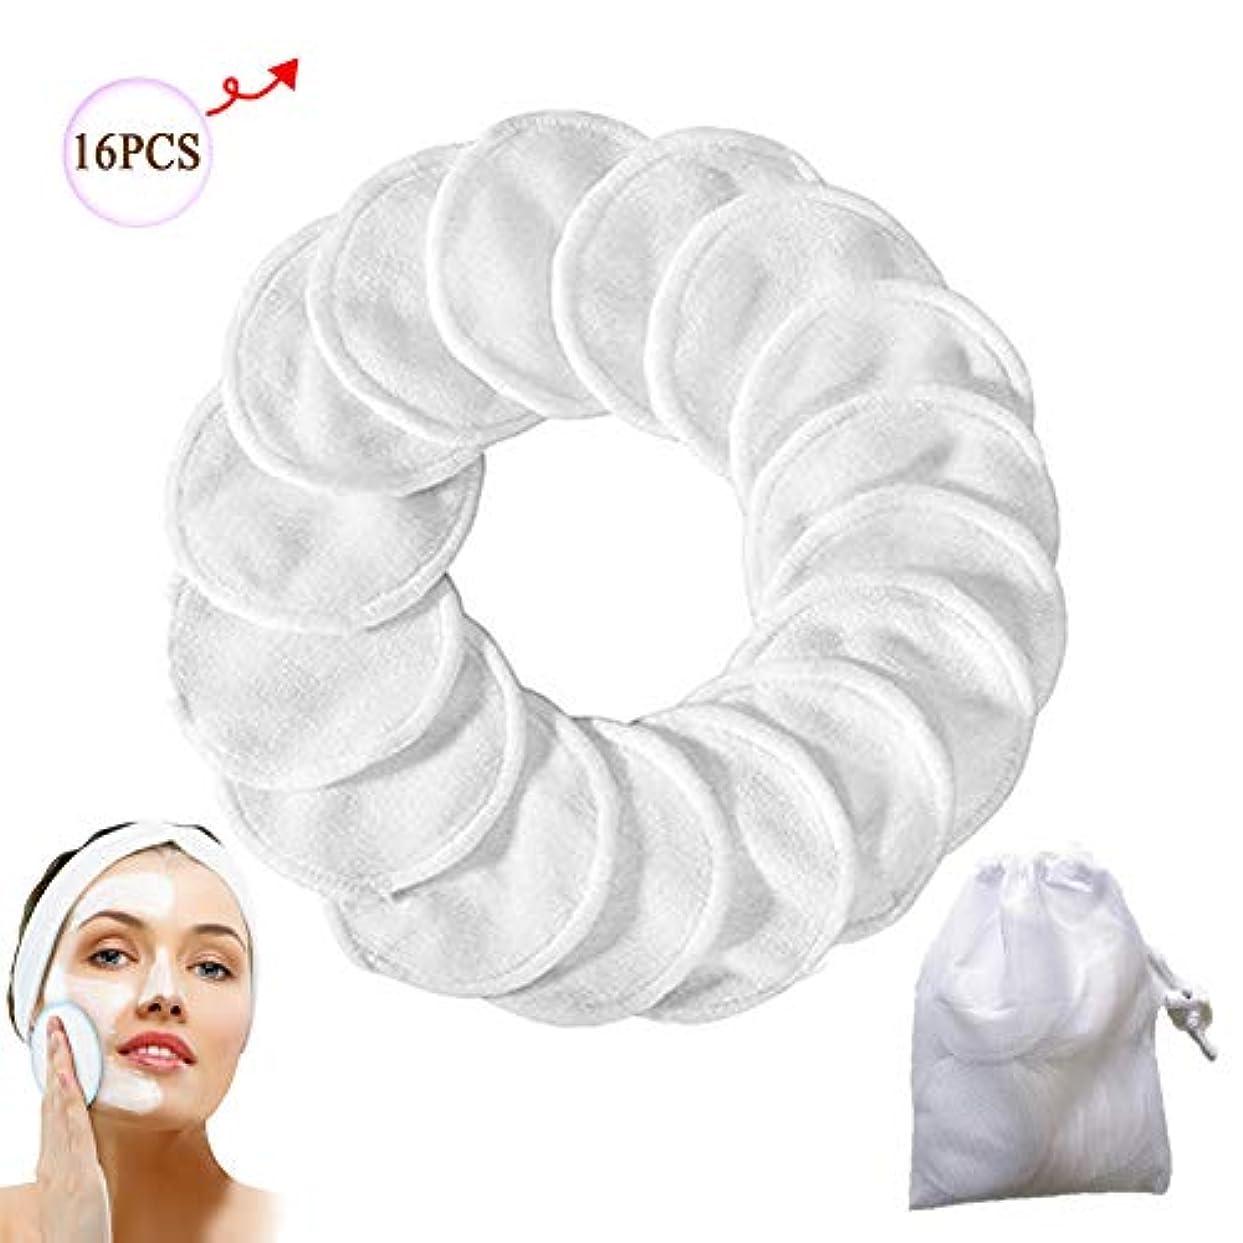 電気の歯痛優越リムーバーパッド、再利用可能な3層竹繊維コットンパッド、女性用フェイス/アイ/リップ用吸収性コットンパッド,SuitTwo